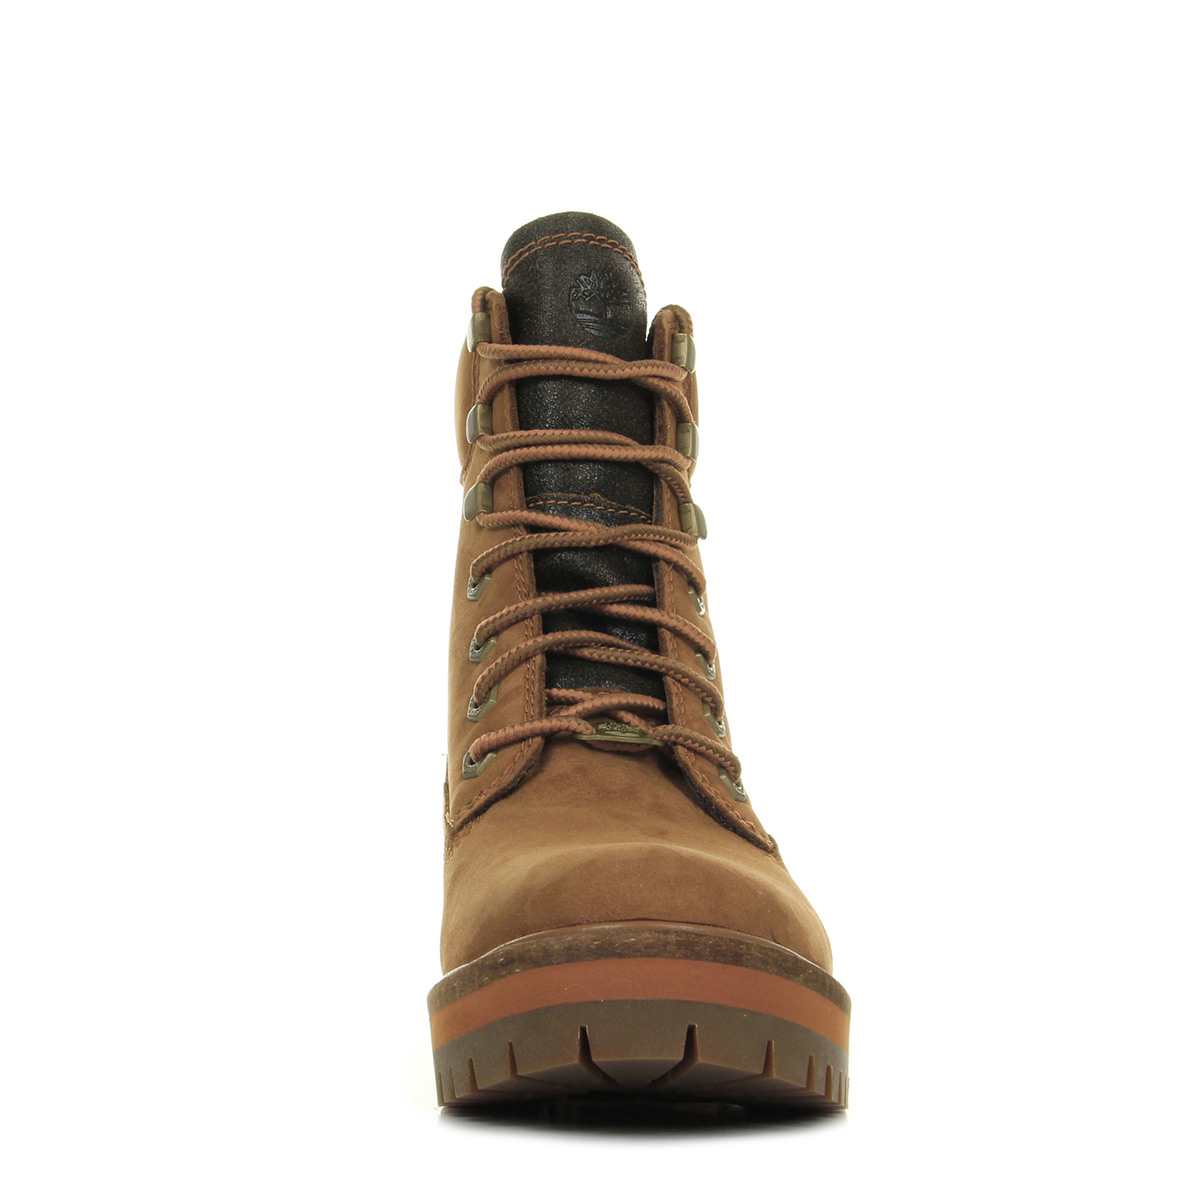 bacdb40c720 ... Timberland Lace Up Boot Rust Nubuck ...